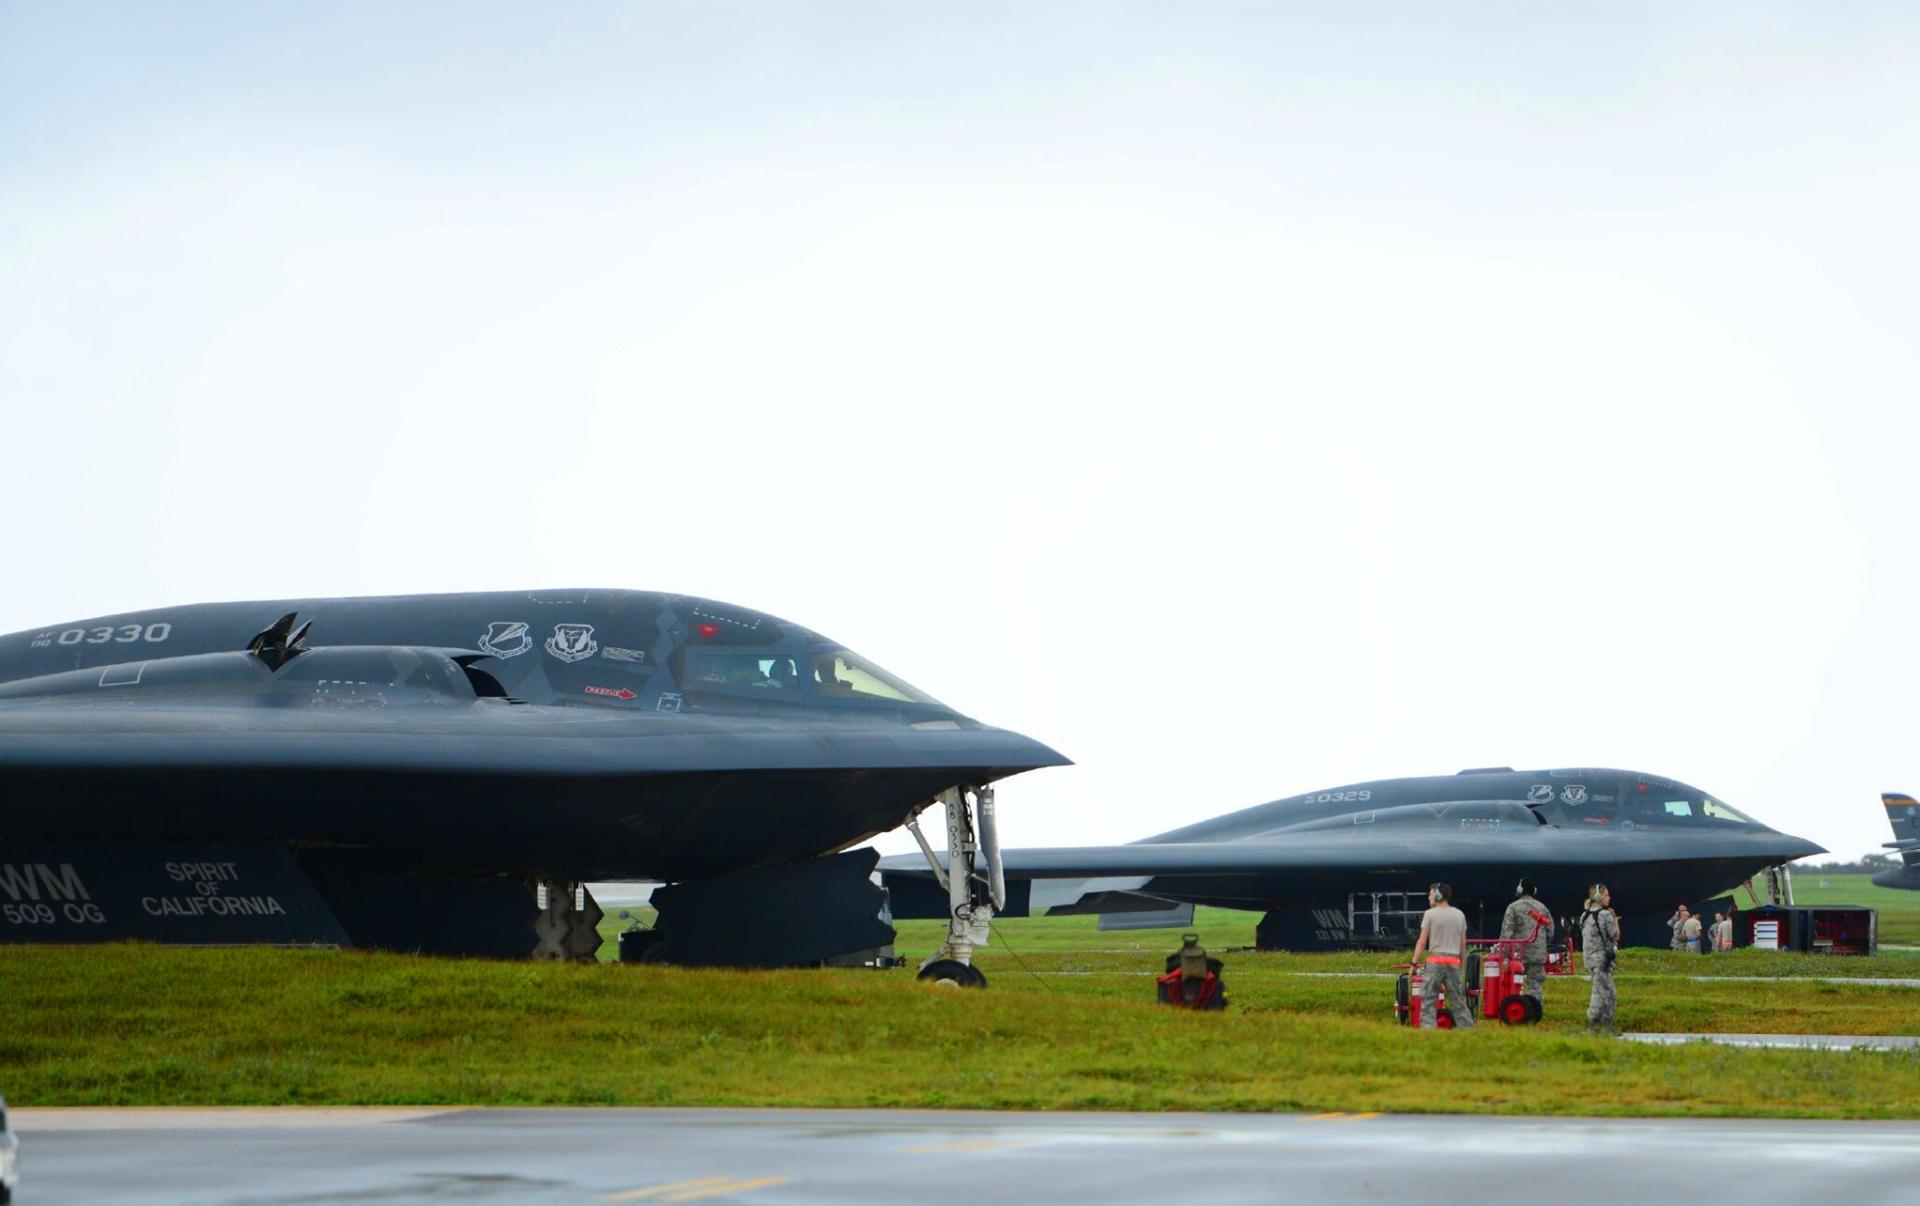 中俄联合巡航,轰6K航程不足,要发展一款巡航用战略轰炸机吗?